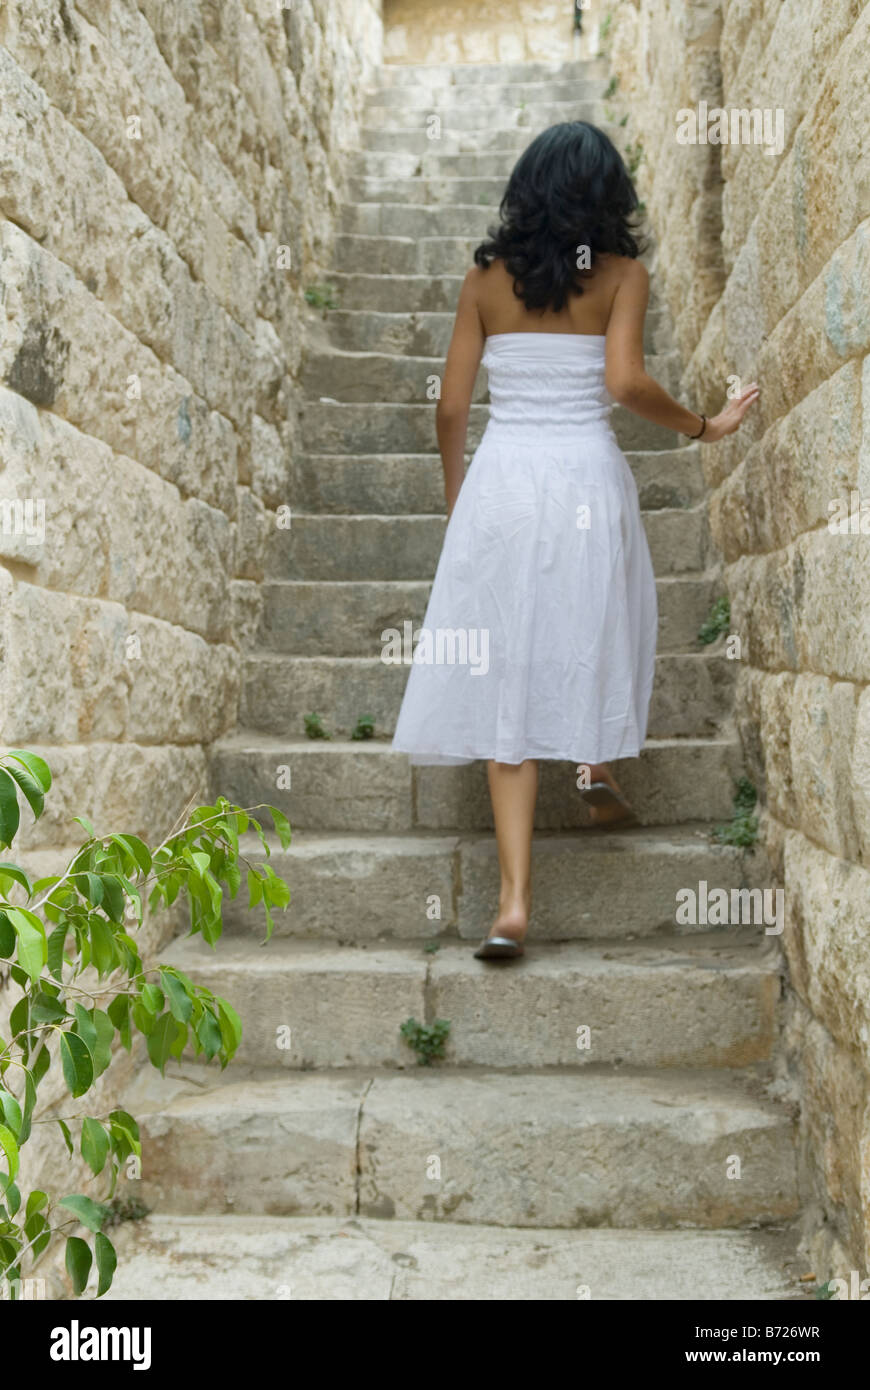 De Stockamp; Fotos Escaleras Imágenes Piedra eDYbH2IWE9